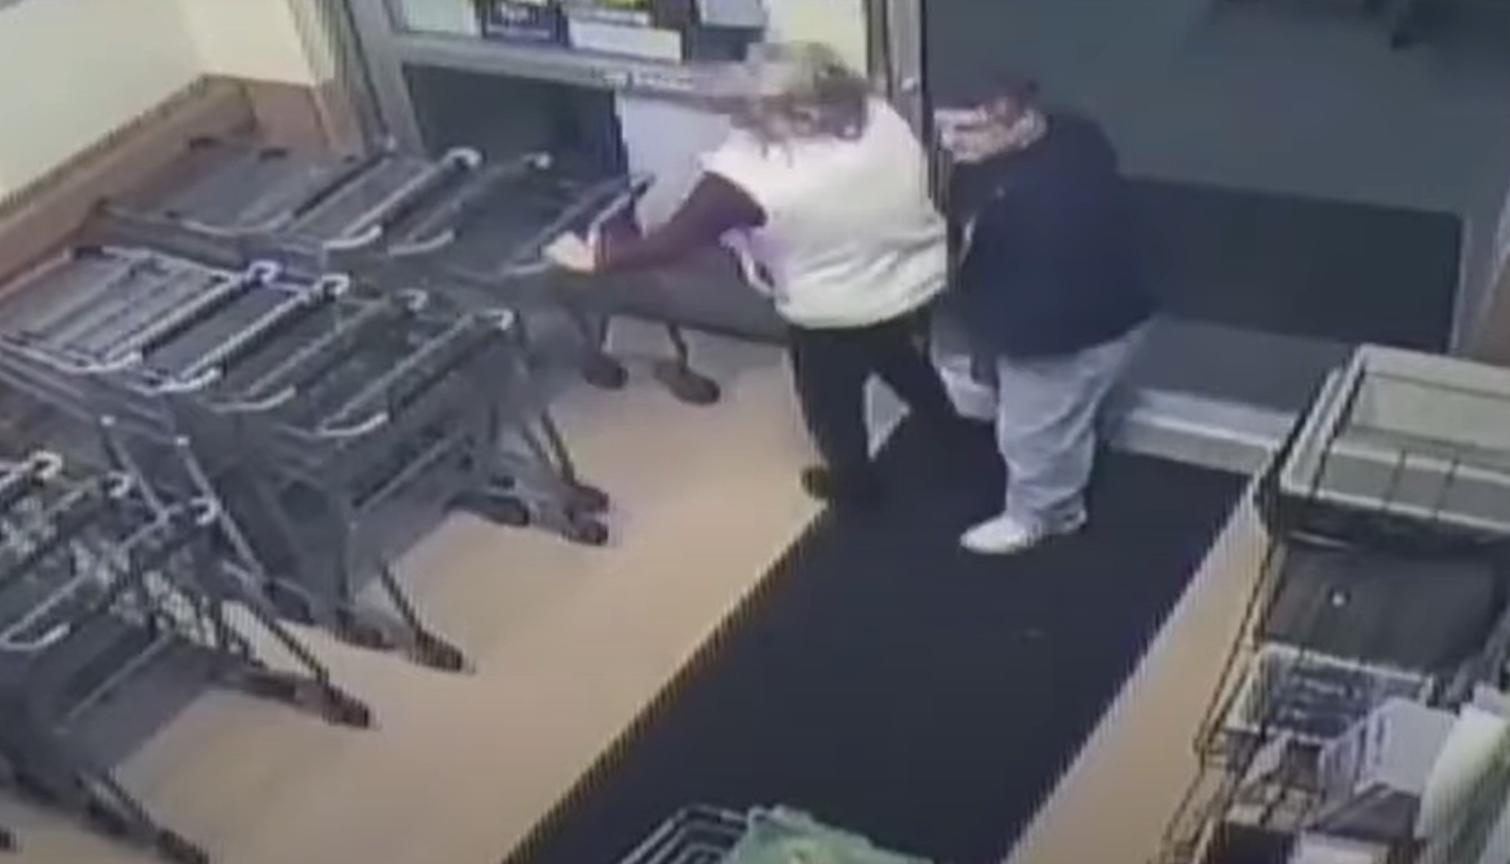 Vídeo: Homem é condenado a 10 anos de prisão por injetar sêmen em mulher - Imagem 1